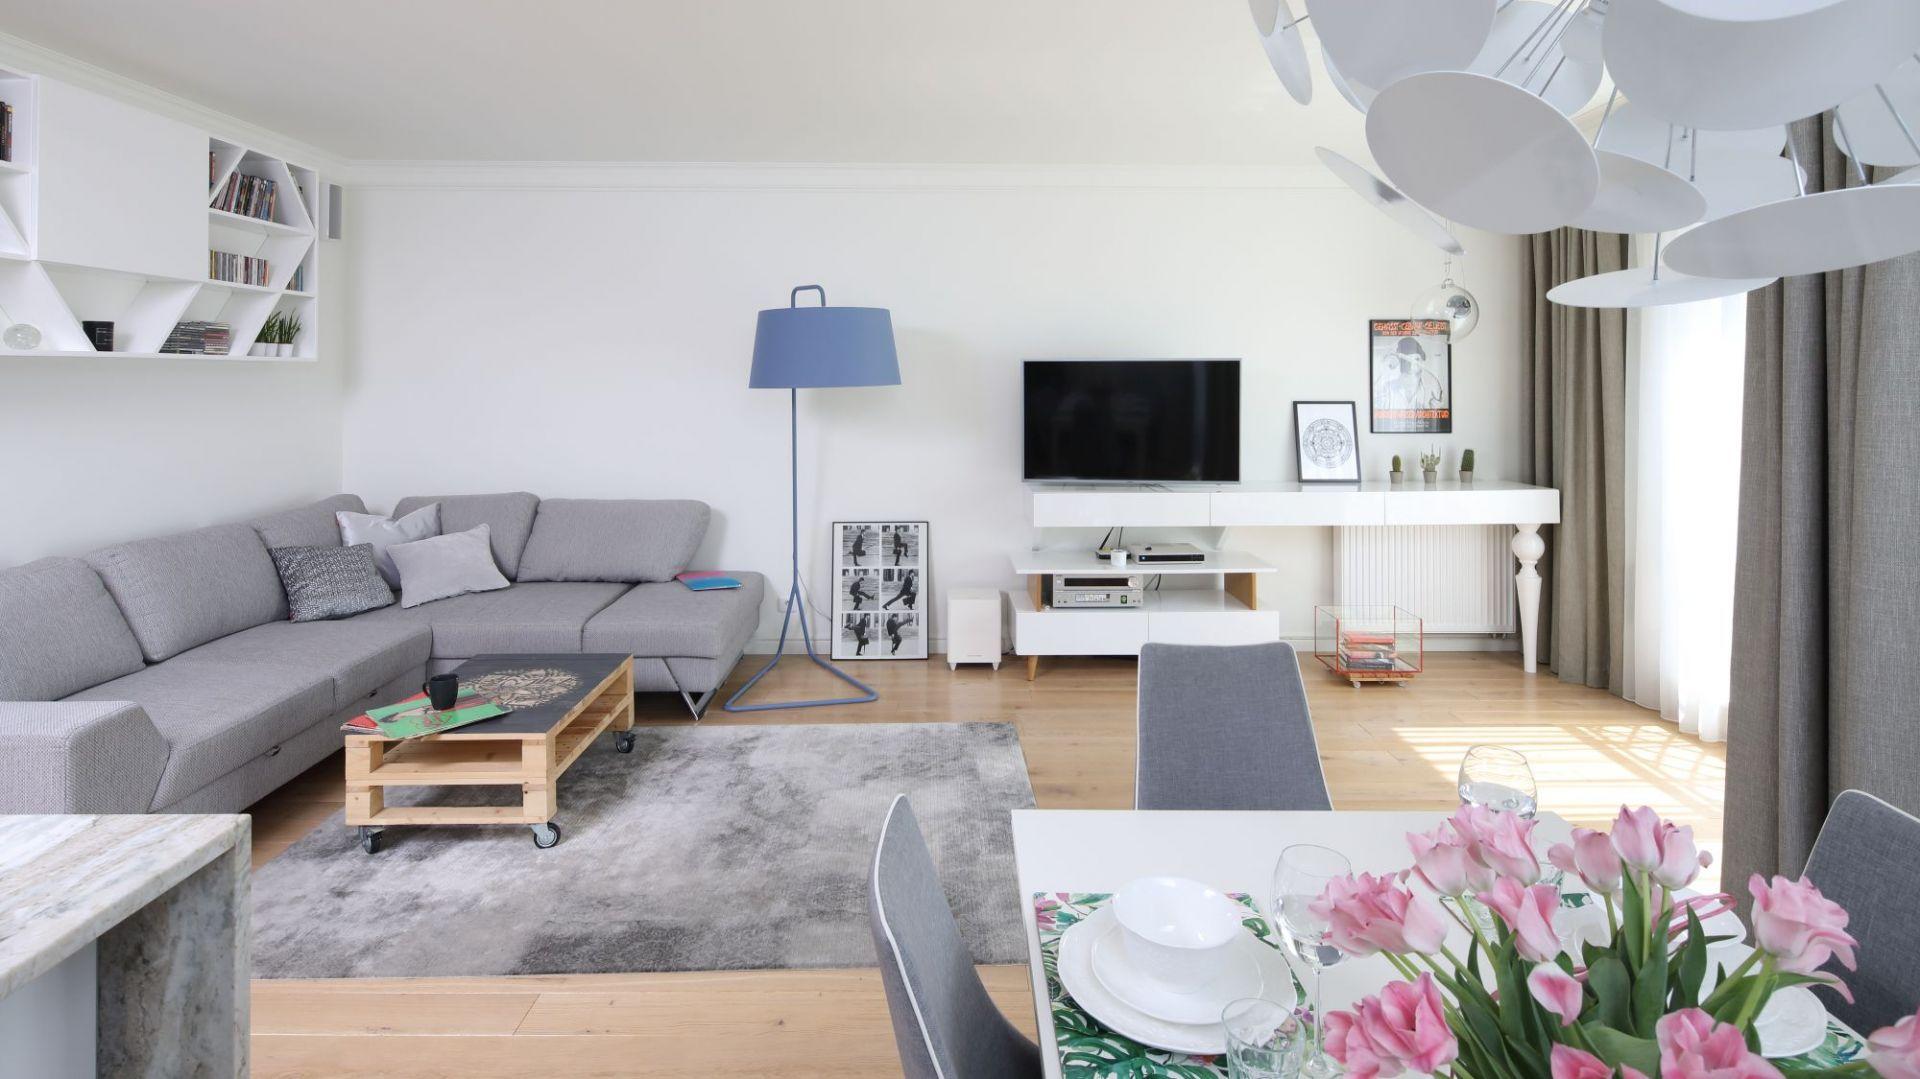 Nowoczesny salon - najpiękniejsze wnętrza 2018 roku. Projekt: Laura Sulzik. Fot. Bartosz Jarosz